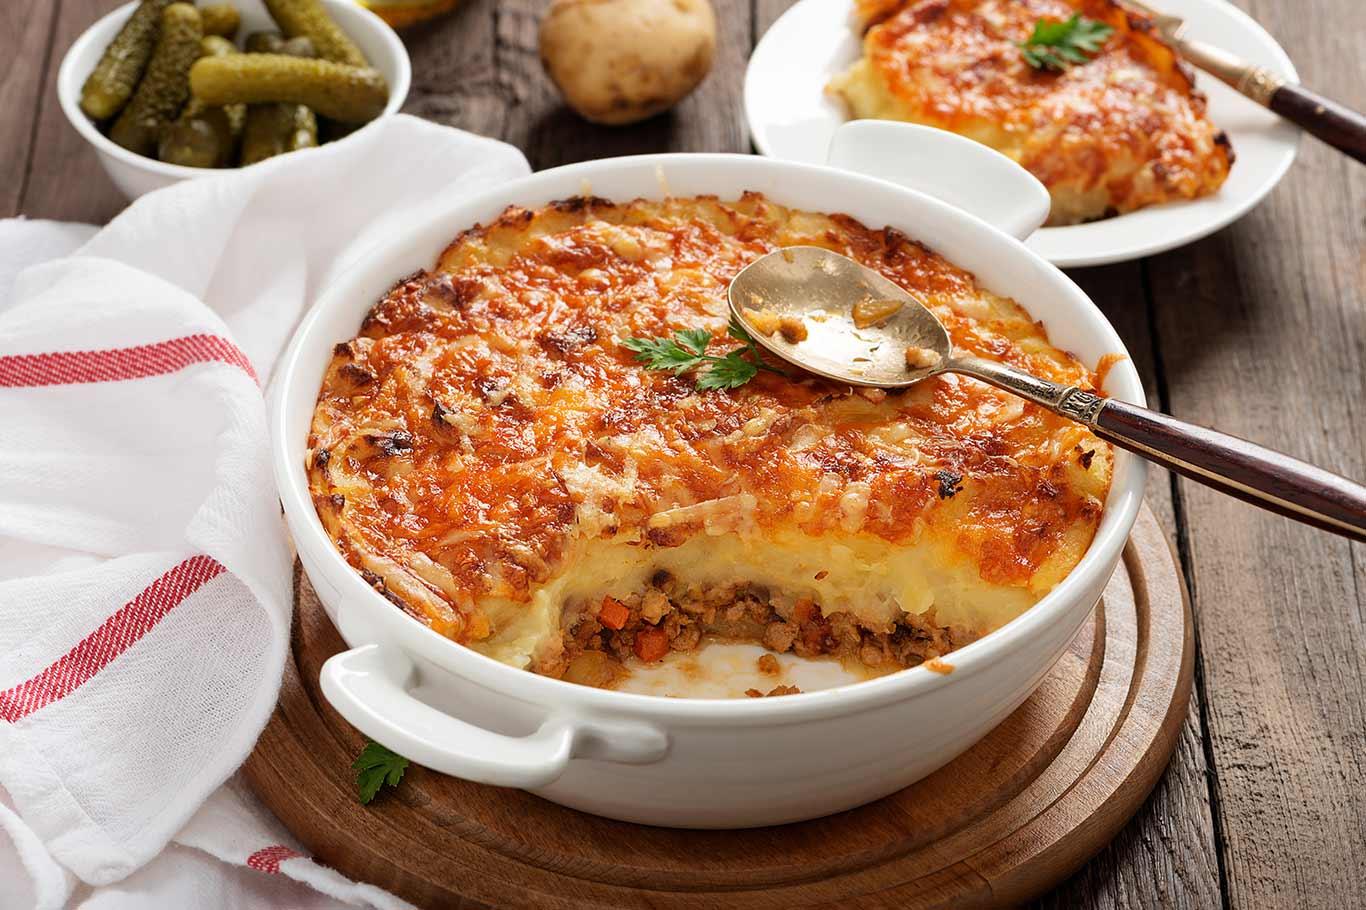 Receta de Puré de patatas con carne picada